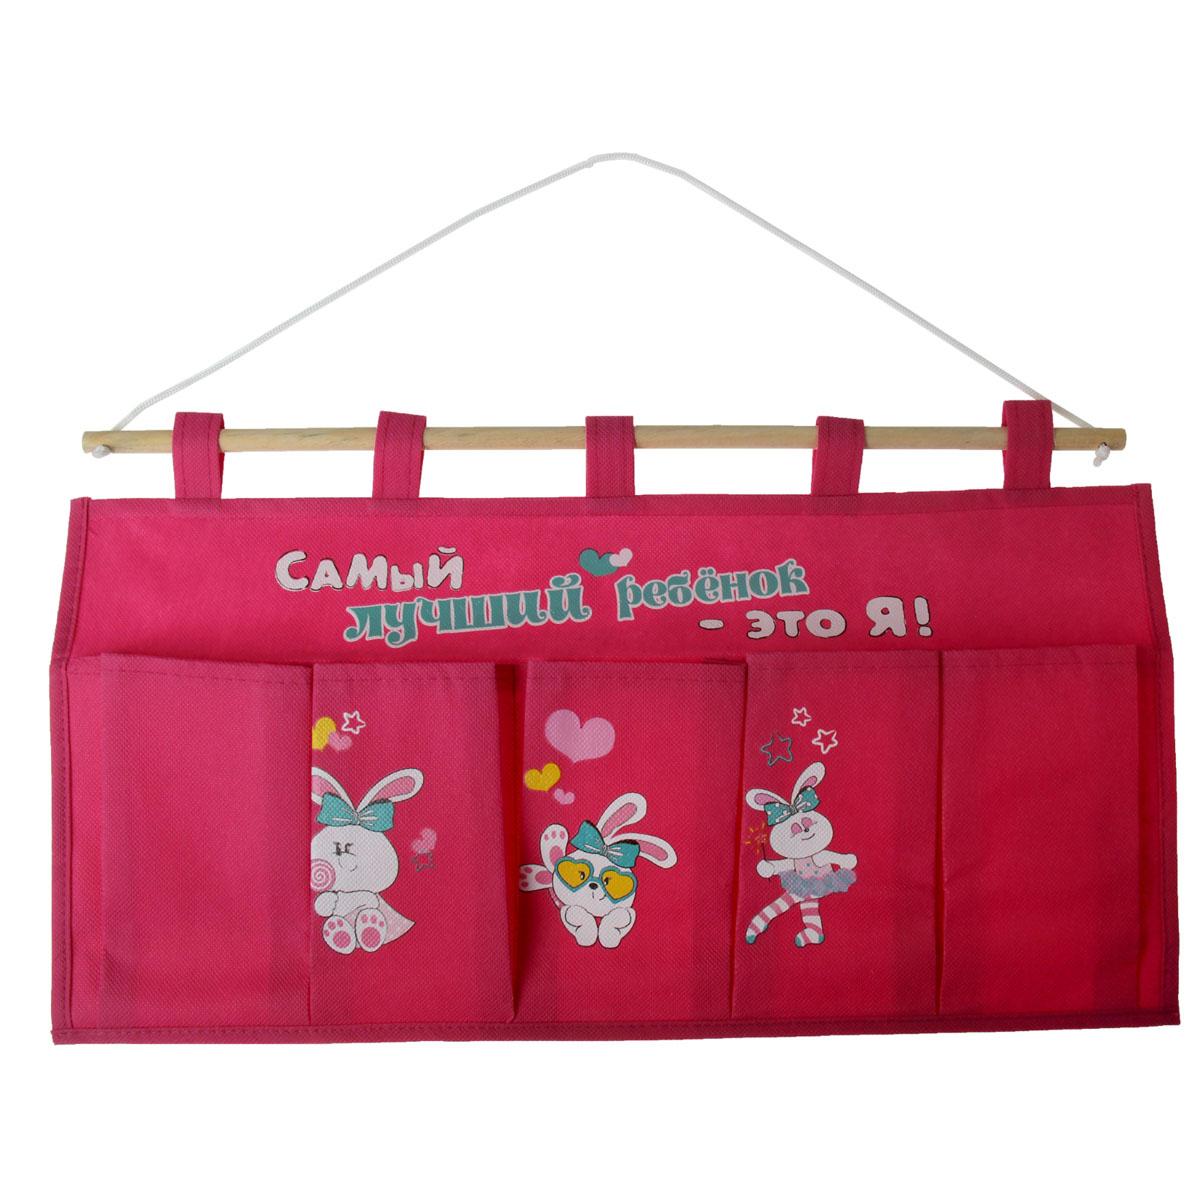 Кармашки на стену Sima-land Самый лучший ребенок, цвет: розовый, 5 штUP210DFКармашки на стену «Самый лучший ребенок» предназначены для хранения необходимых вещей, множества мелочей в гардеробной, ванной, детской комнатах. Изделие выполнено из текстиля и представляет собой 5 сшитых между собой кармашков на ткани, которые, благодаря 5 петелькам, куда просовывается деревянная палочка на веревке, можно повесить в необходимом для вас и вашего ребенка месте. На кармашках имеются изображения в виде трех забавных зайцев и надпись «Самый лучший ребенок - это я!».Этот нужный предмет может стать одновременно и декоративным элементом комнаты. Яркий текстиль, как ничто иное, способен оживить интерьер вашего жилища и сделает каждый день ярче и радостнее.